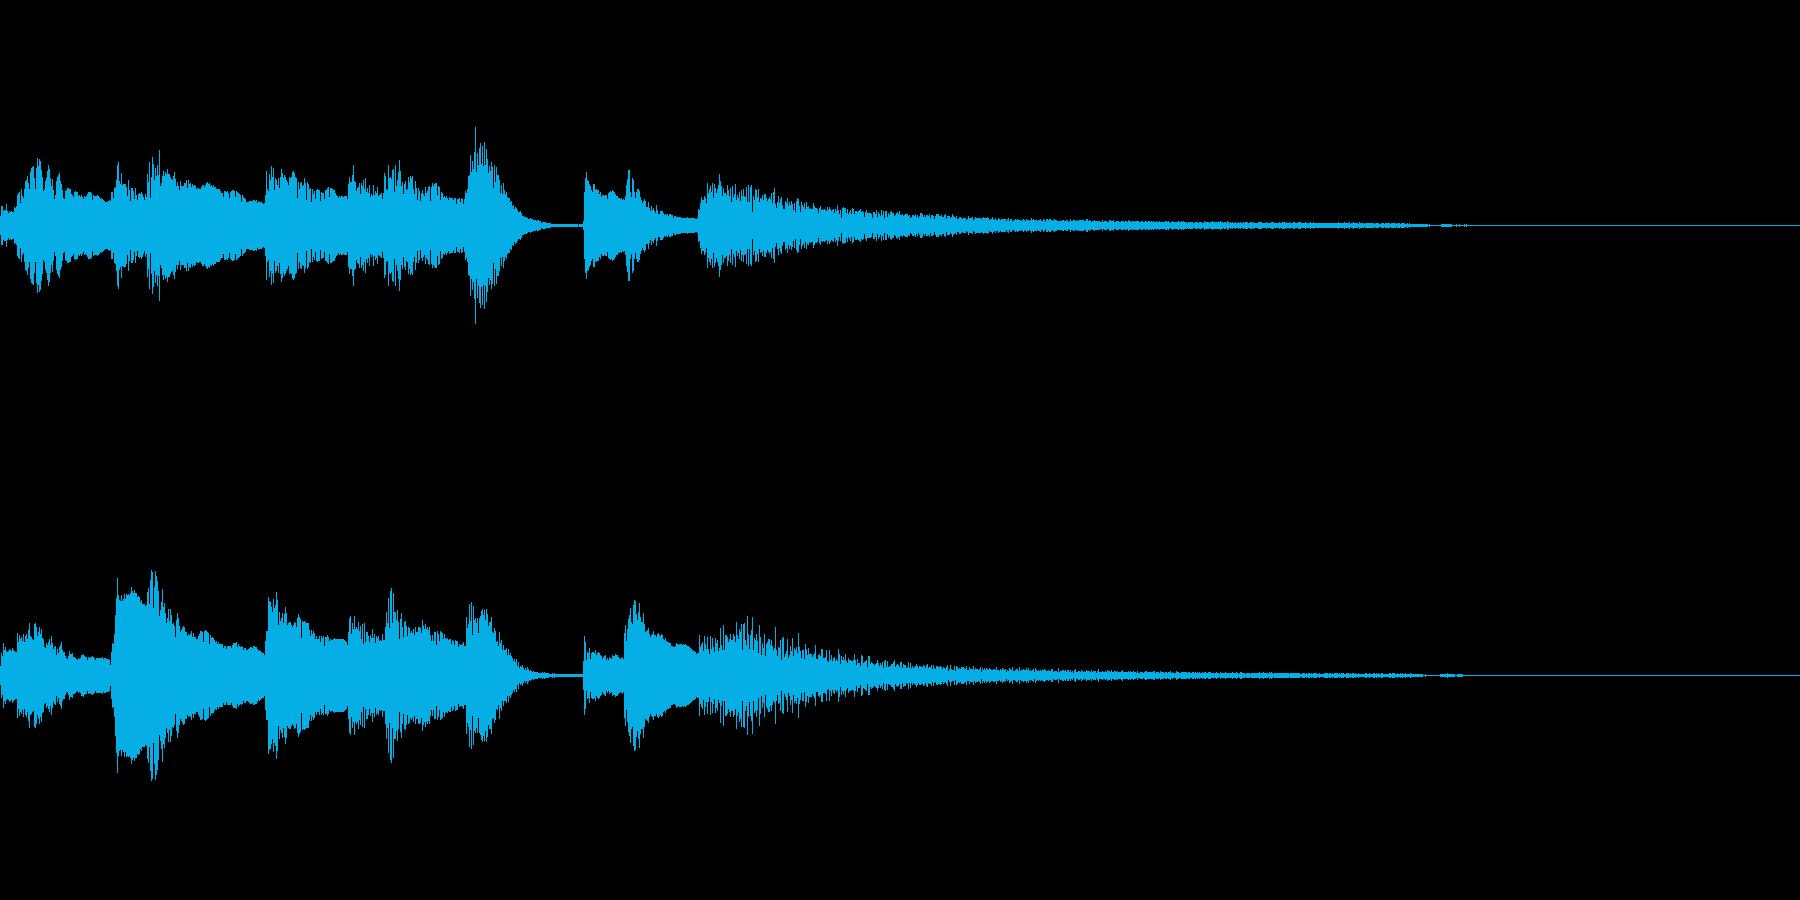 やさしいピアノ・サウンドロゴ11の再生済みの波形